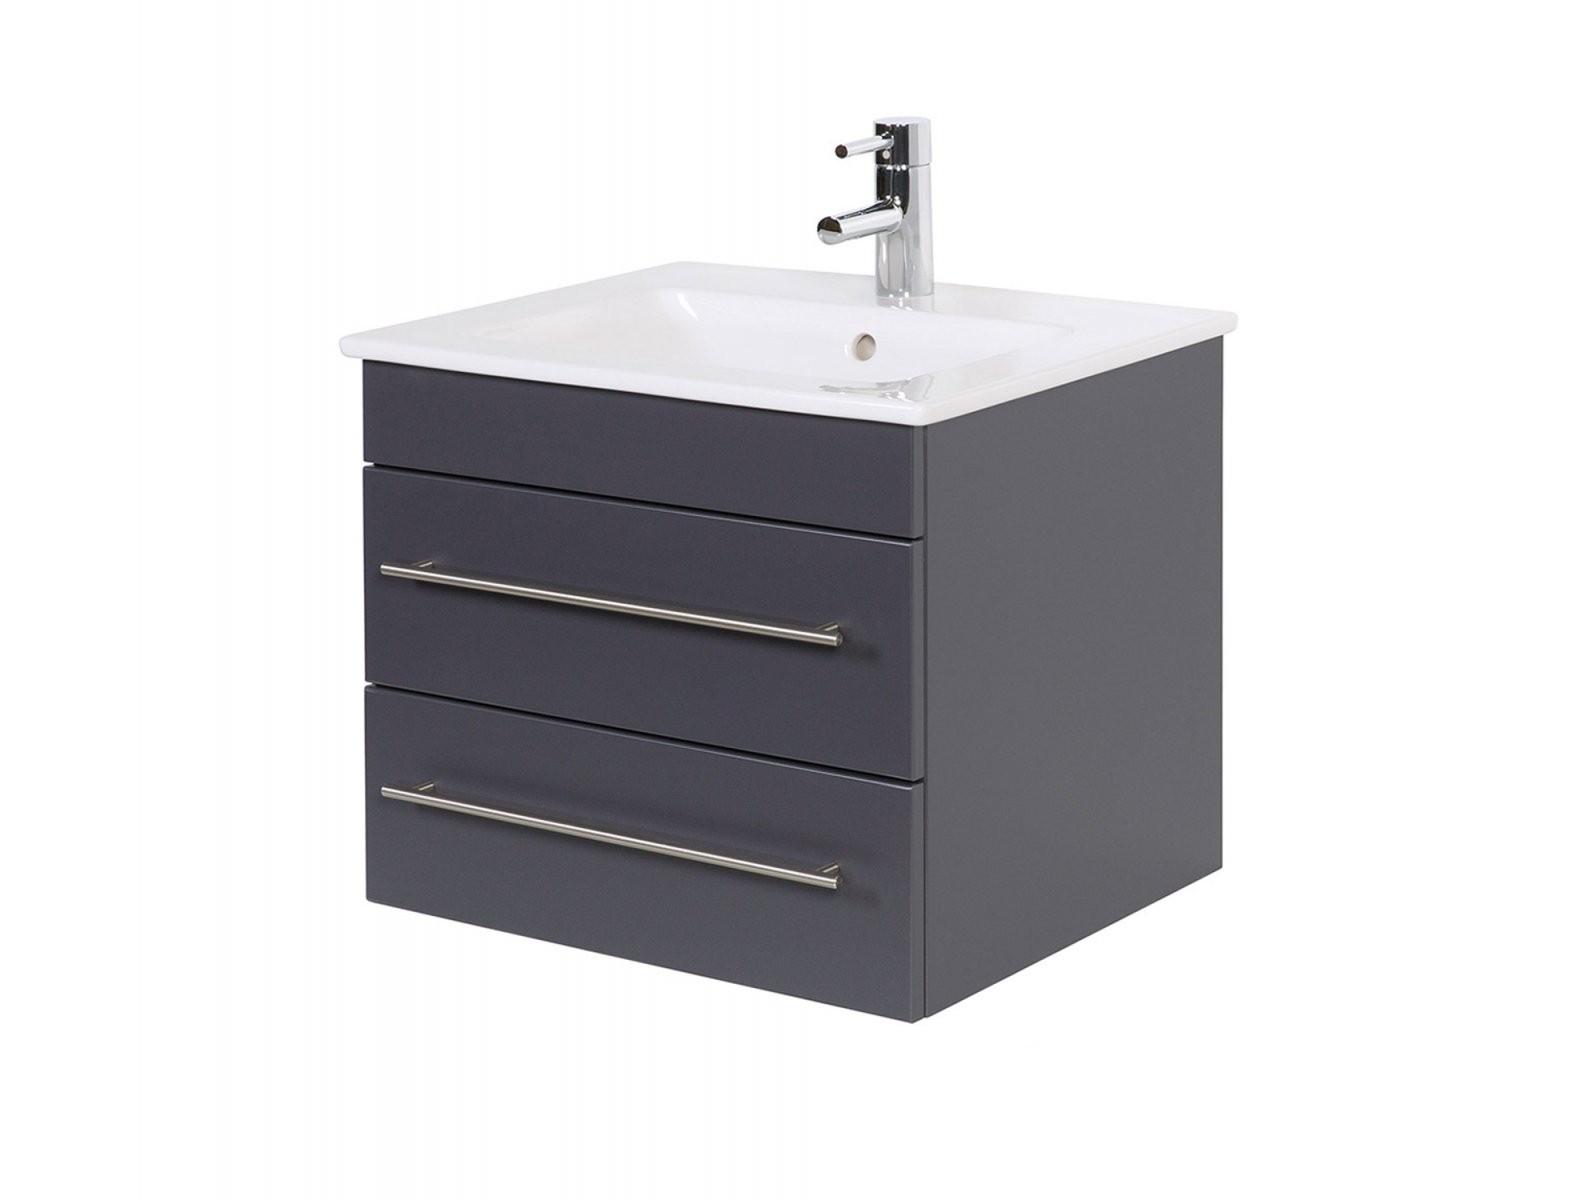 Badwaschtisch Mit Villeroy  Boch Becken Venticello  60 Cm Breit von Villeroy Und Boch Doppelwaschbecken Mit Unterschrank Photo